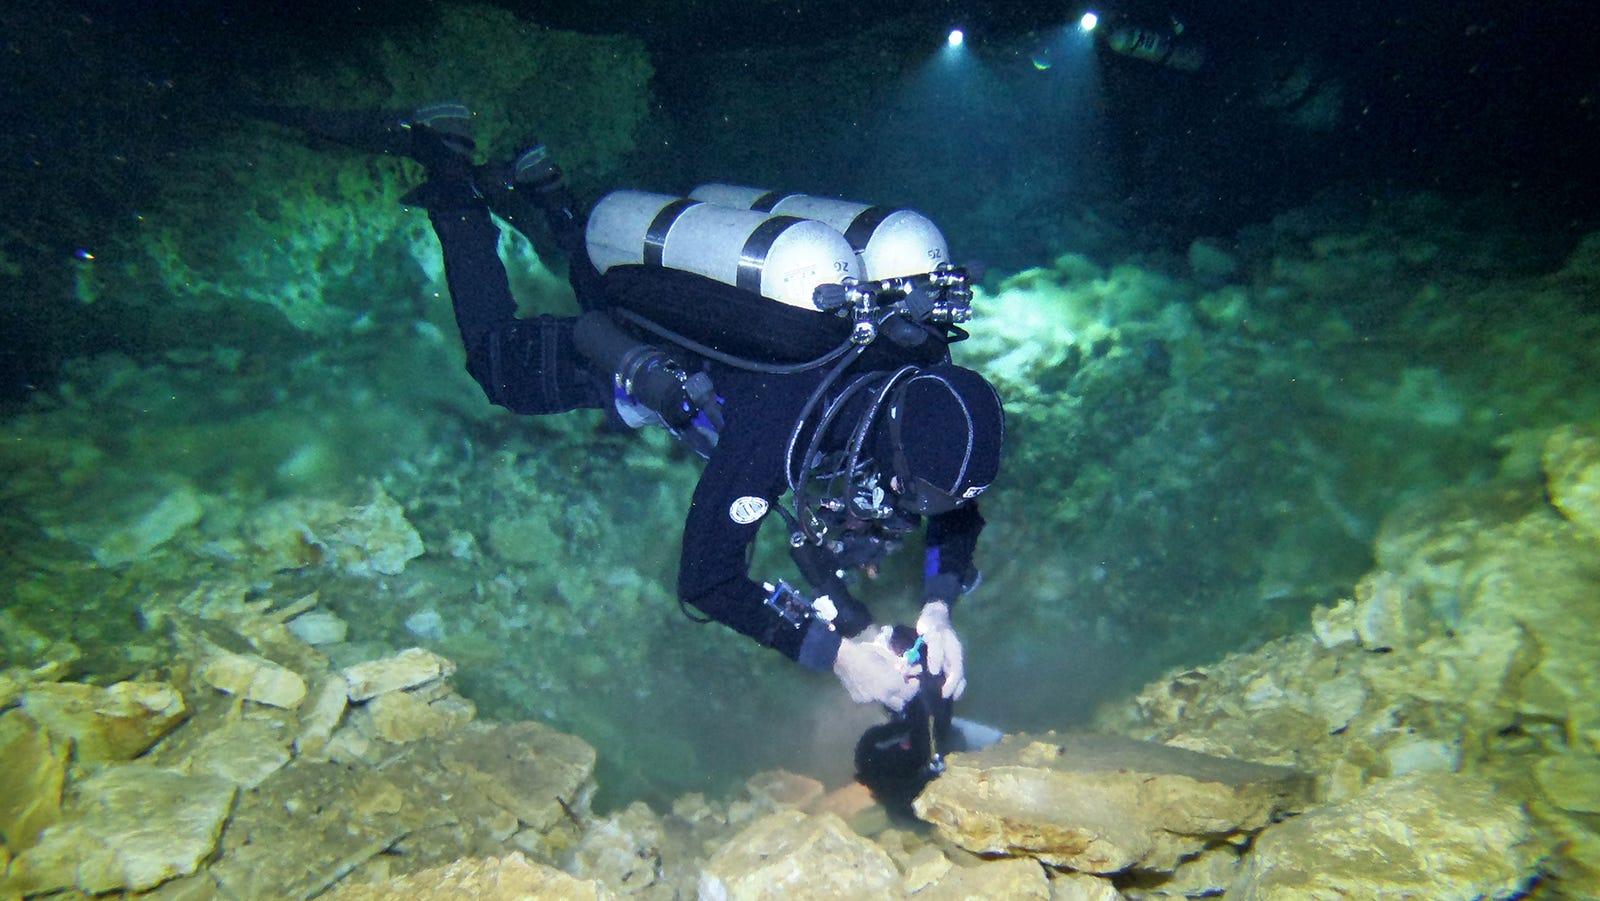 Un buzo examina un pozo de extracción de ocre y los restos mineros que dejaron los primeros habitantes del hemisferio occidental hace 10.000-12.000 años.